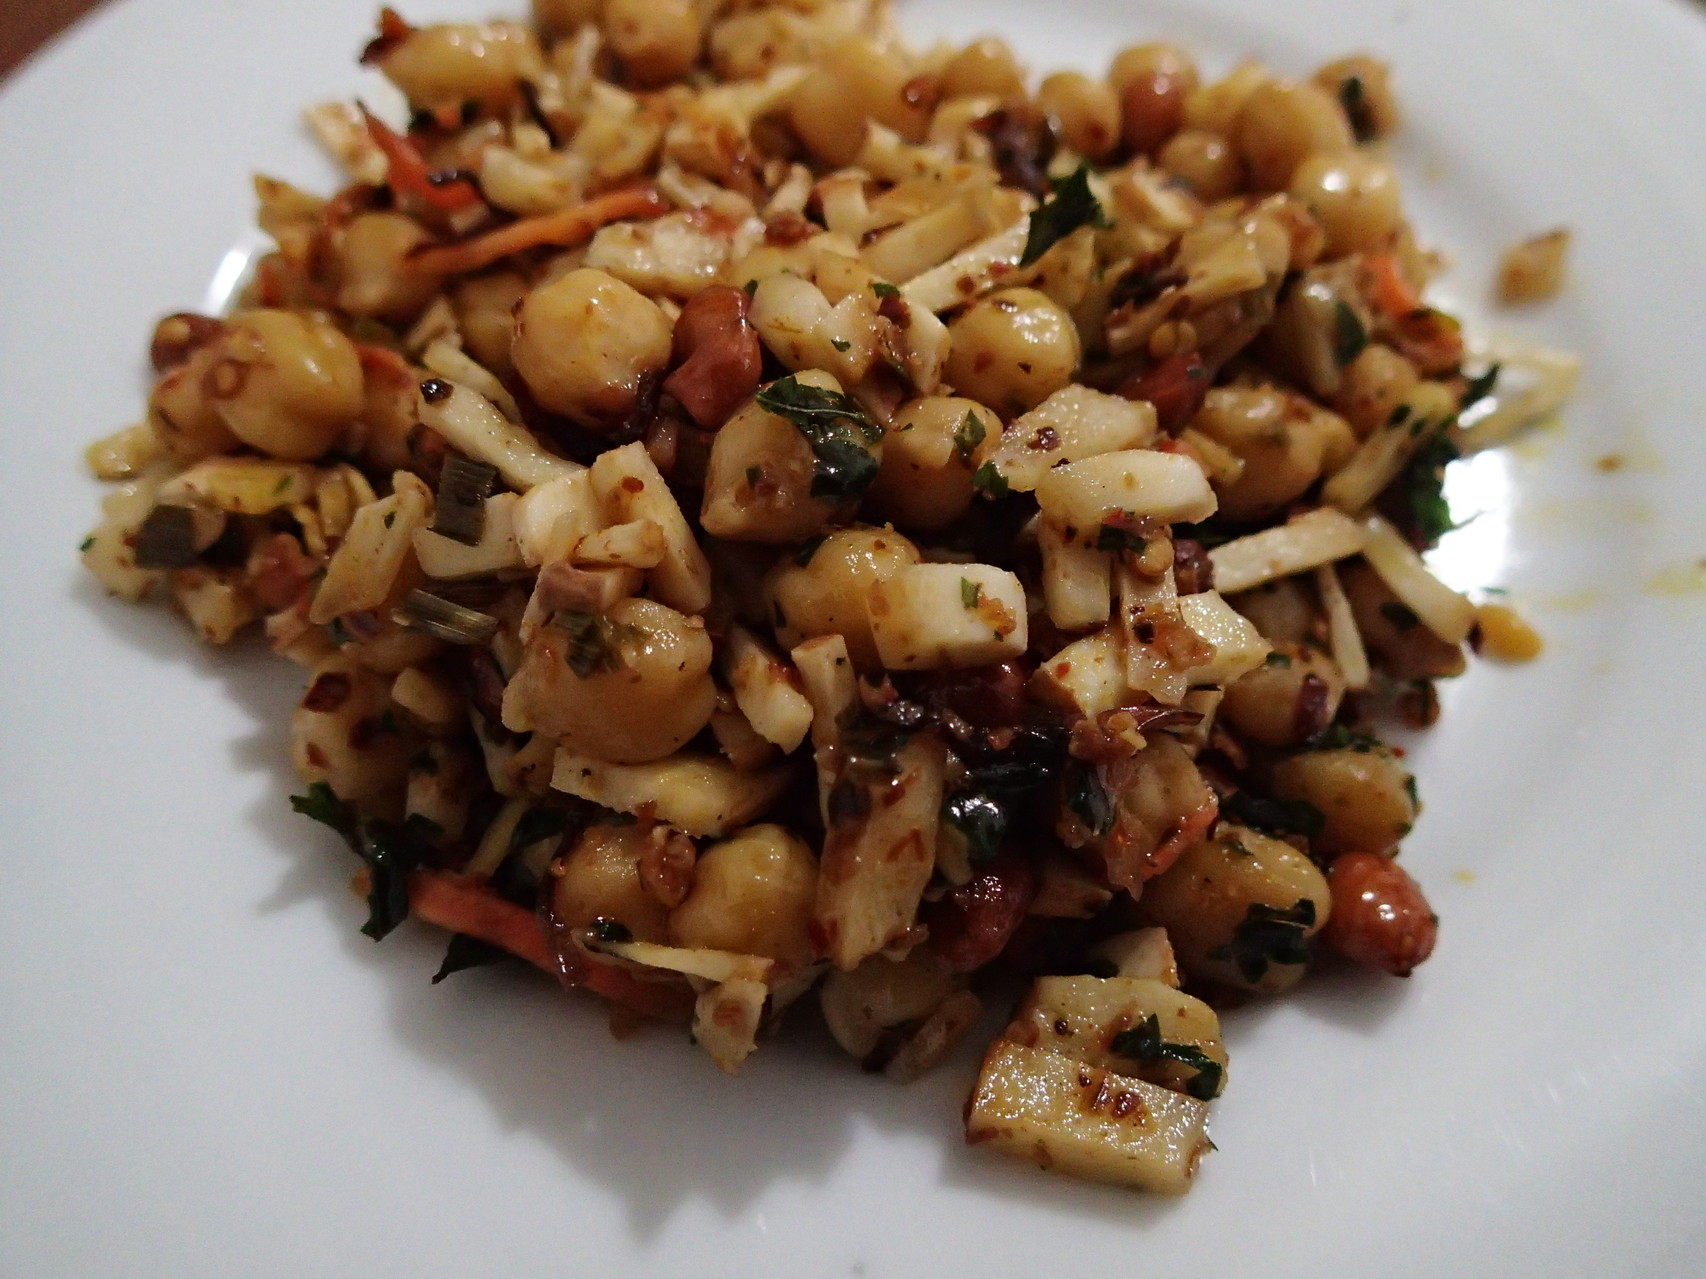 Bild: 'Kadella' yummy street snack